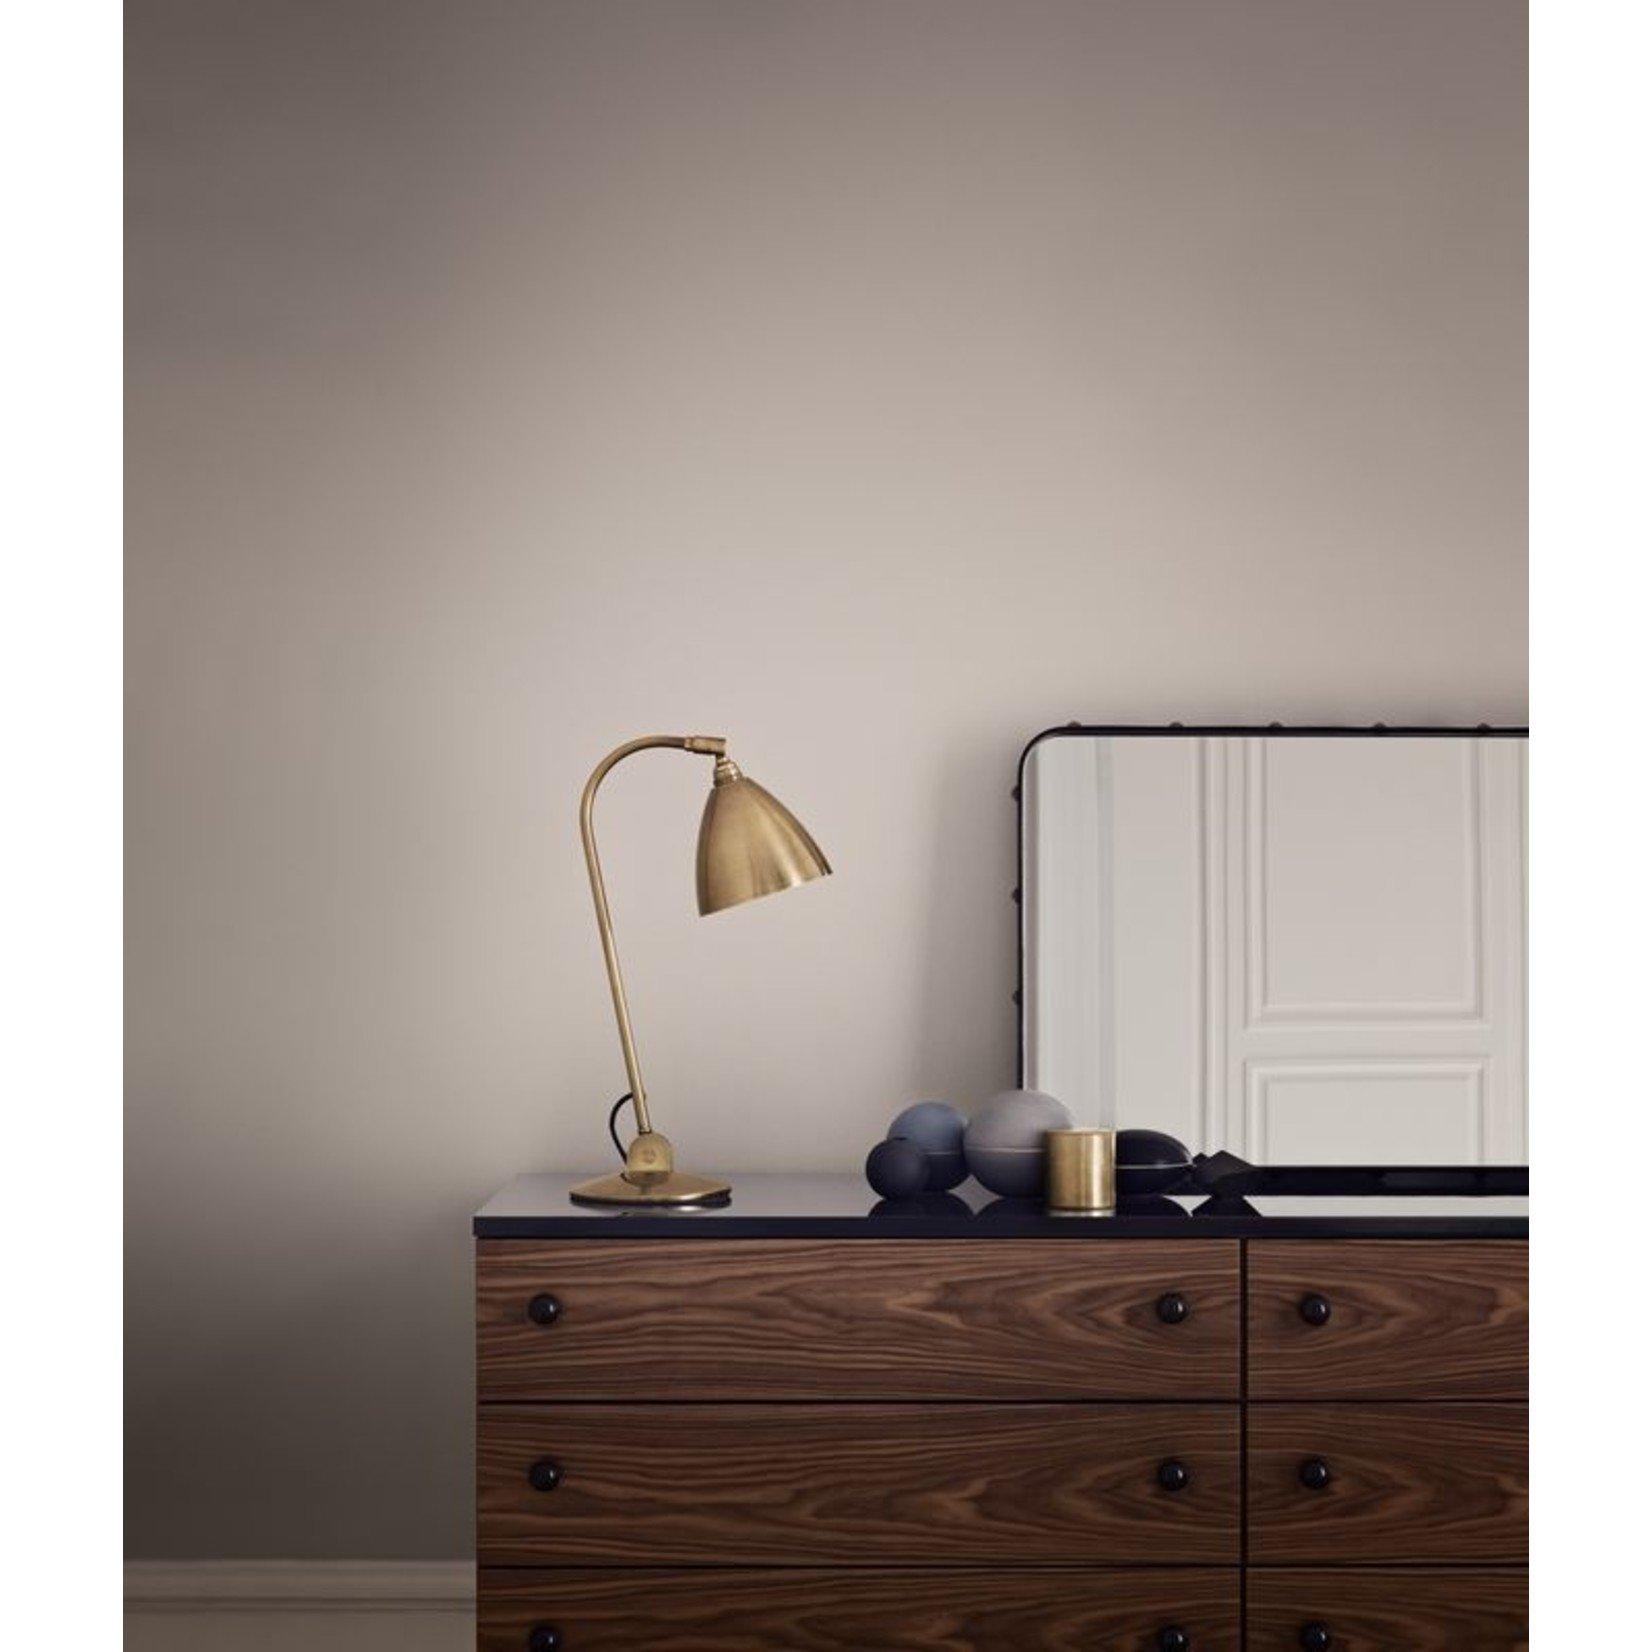 Gubi BL2 Table Lamp - Ø16 | Brass Base & Shiny Brass Shade